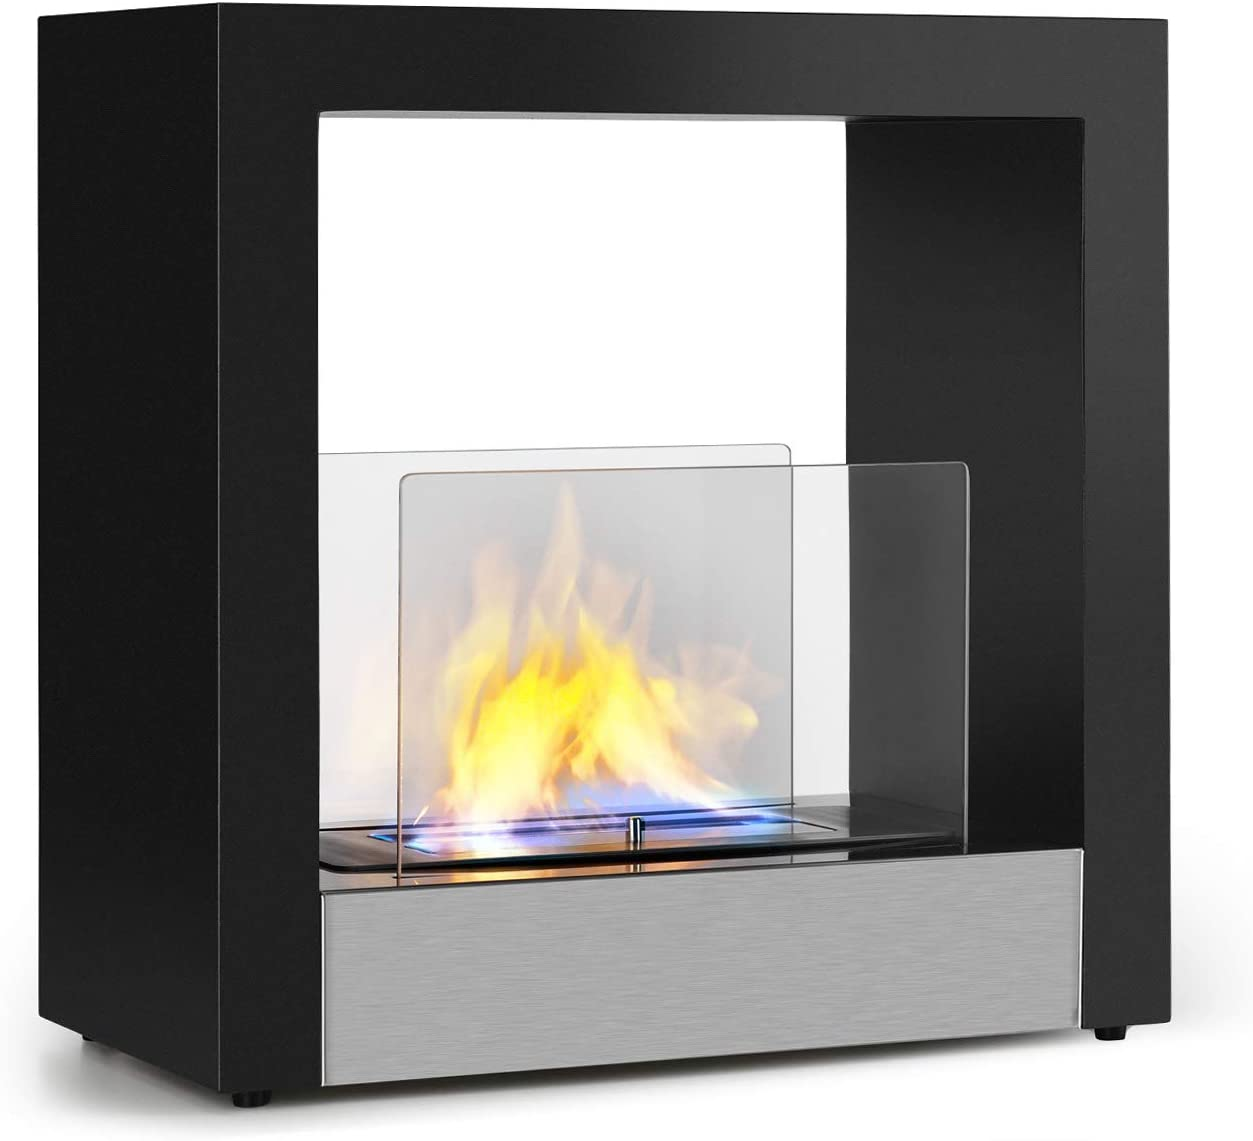 Klarstein Phantasma Cube Ethanol-Kamin Feuerstelle L/ösch-Hilfe 1,3 Liter Tank Edelstahl /& Glas ca rauch- /& geruchsloser Bio-Ethanol-Brenner aus Edelstahl 4 Stunden Brenndauer schwarz